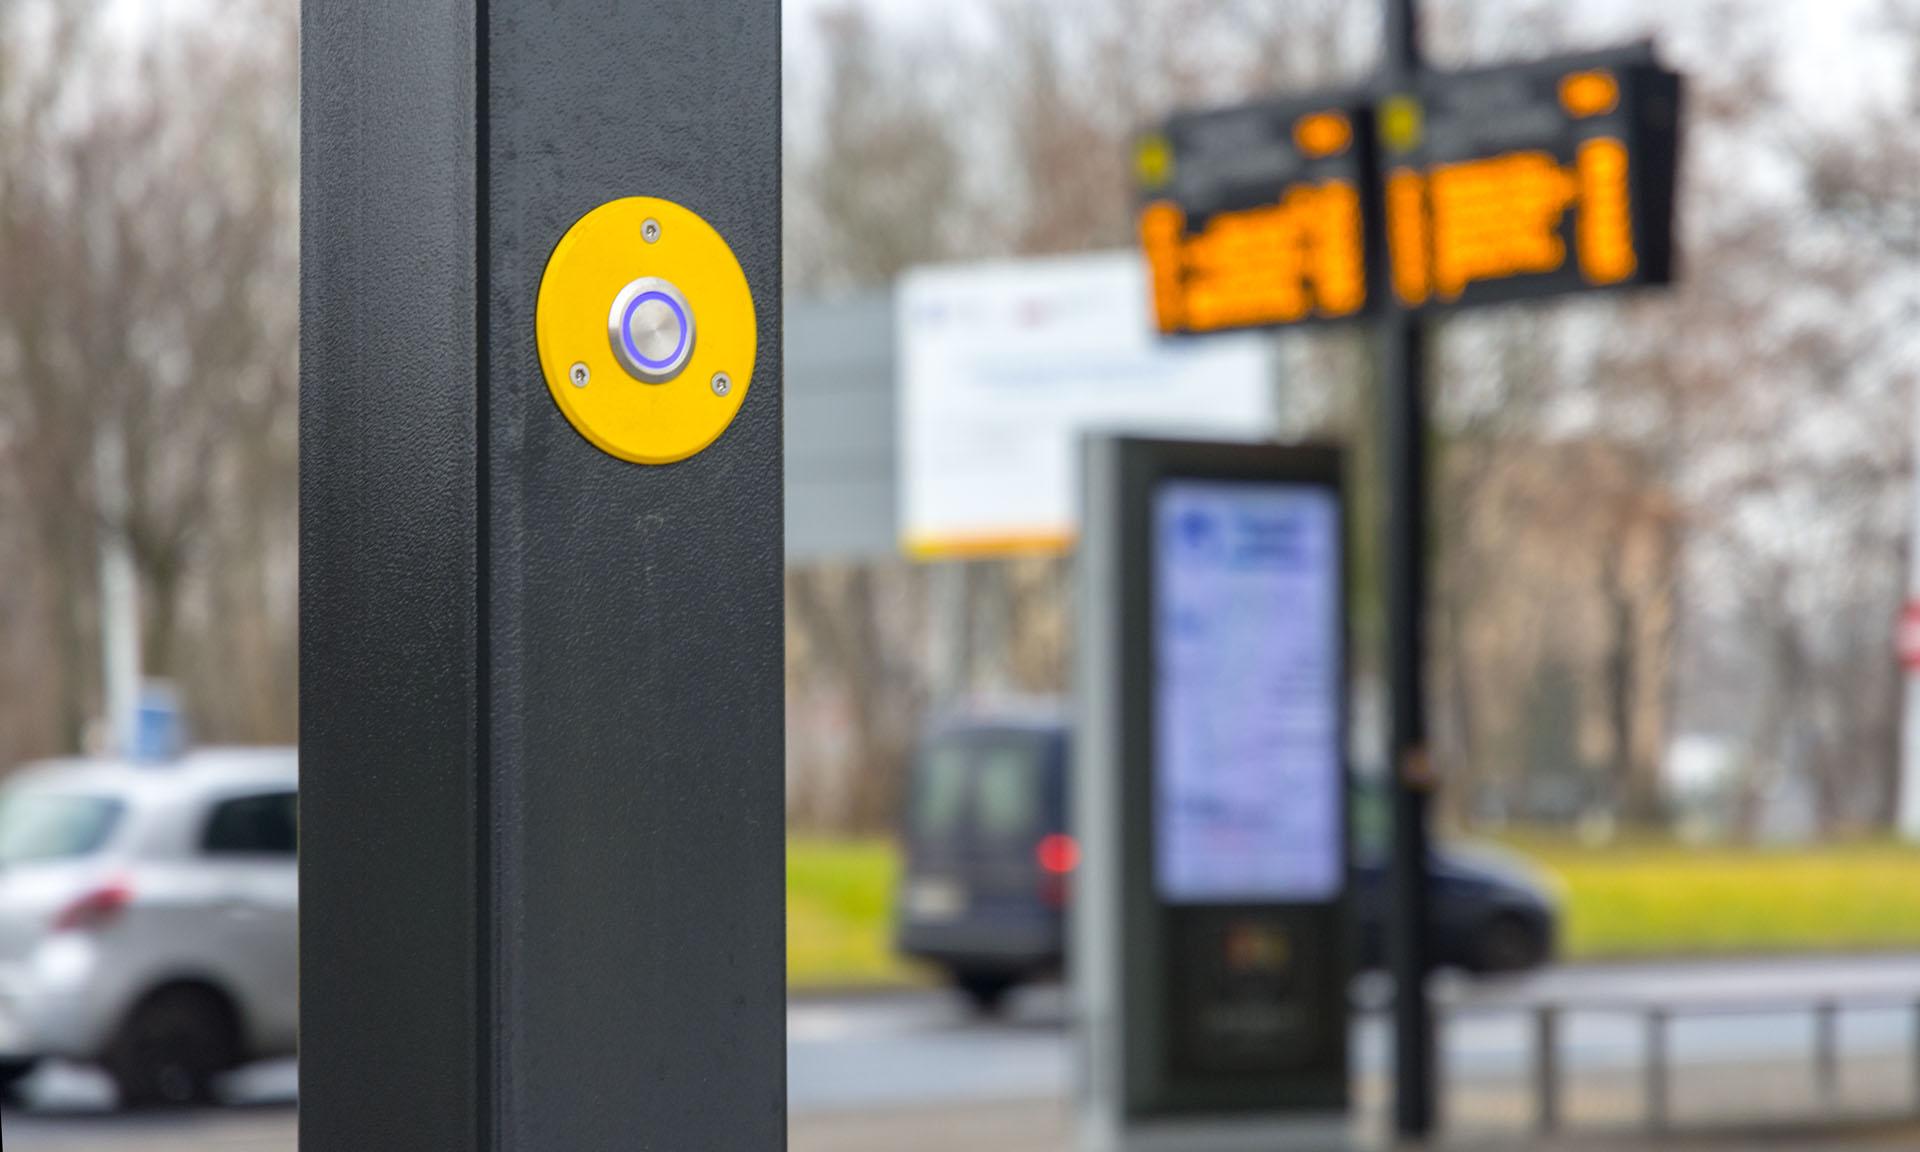 Dysten Text-To-Speech system in the pole in the Katowice Zawodzie interchange hub in DPIS